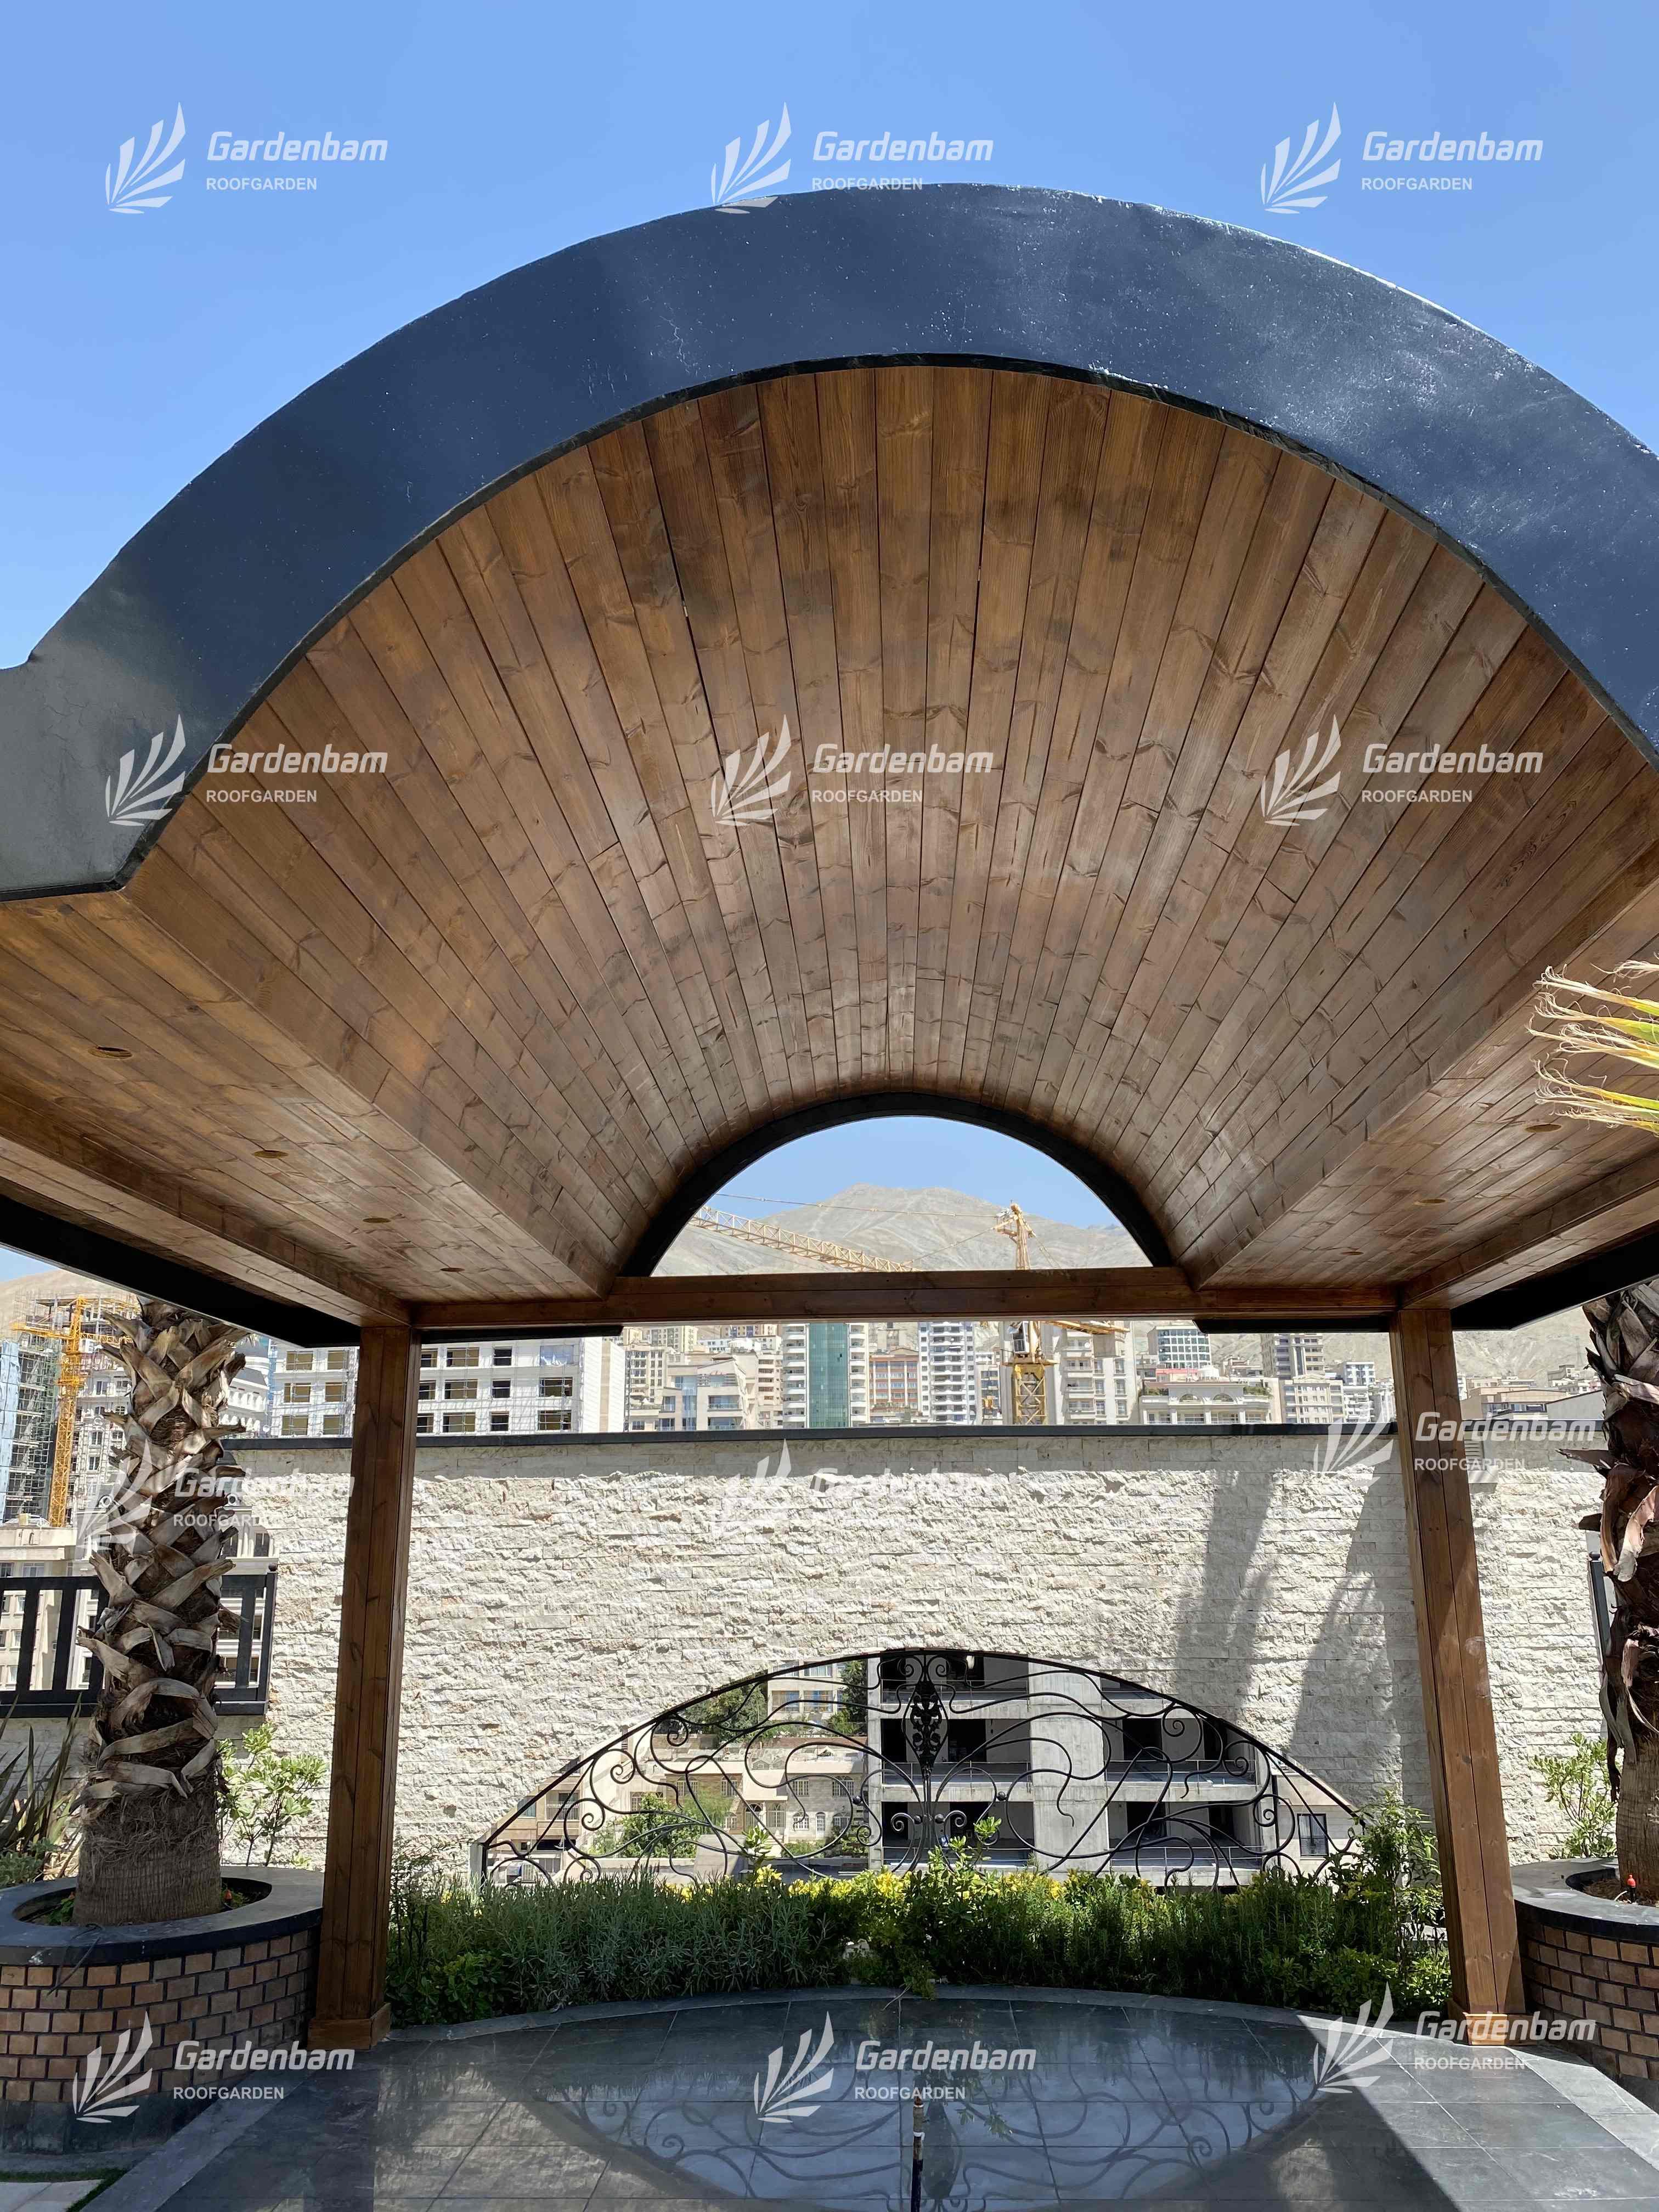 روف گاردن | شرکت گاردن بام | بام سبز | پروژه | روفگاردن | آشپزخانه صنعتی | طراحی و اجرای روف گاردن